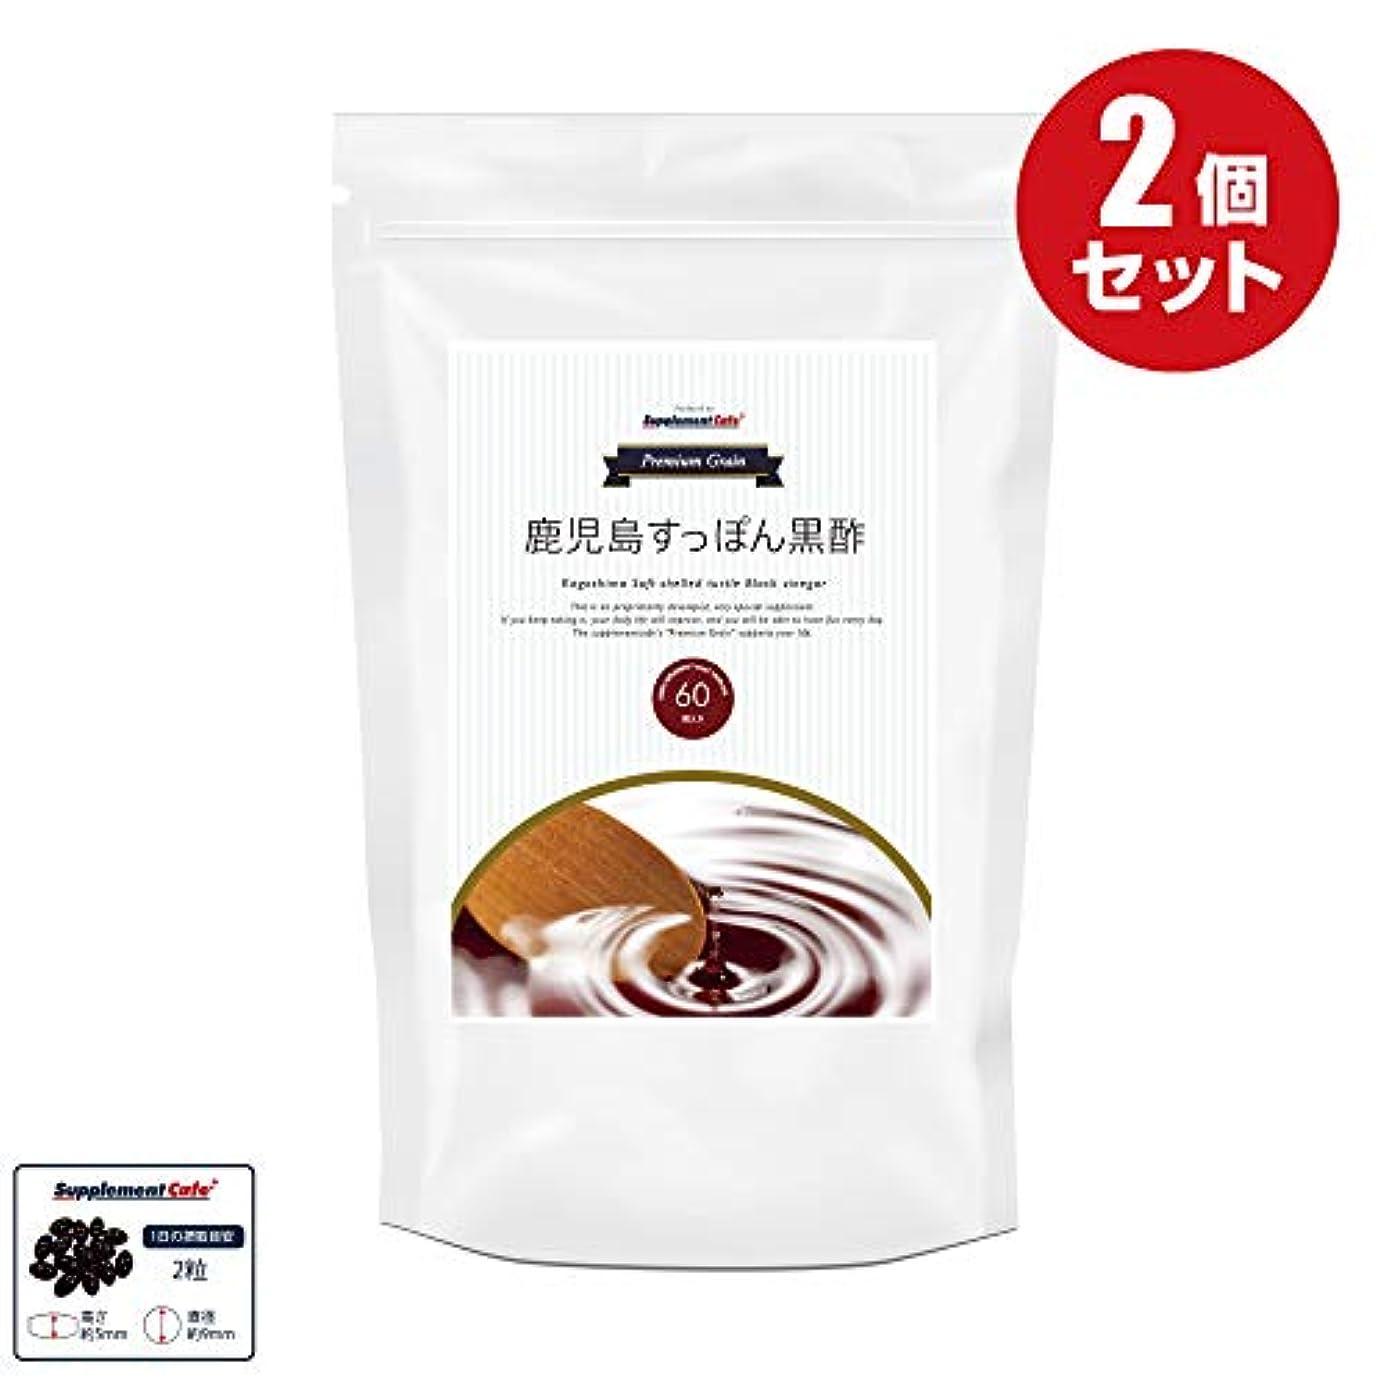 淡い卑しい中毒【2袋セット】Premium Grain 鹿児島すっぽん黒酢/すっぽん黒酢/福山産  約60日分